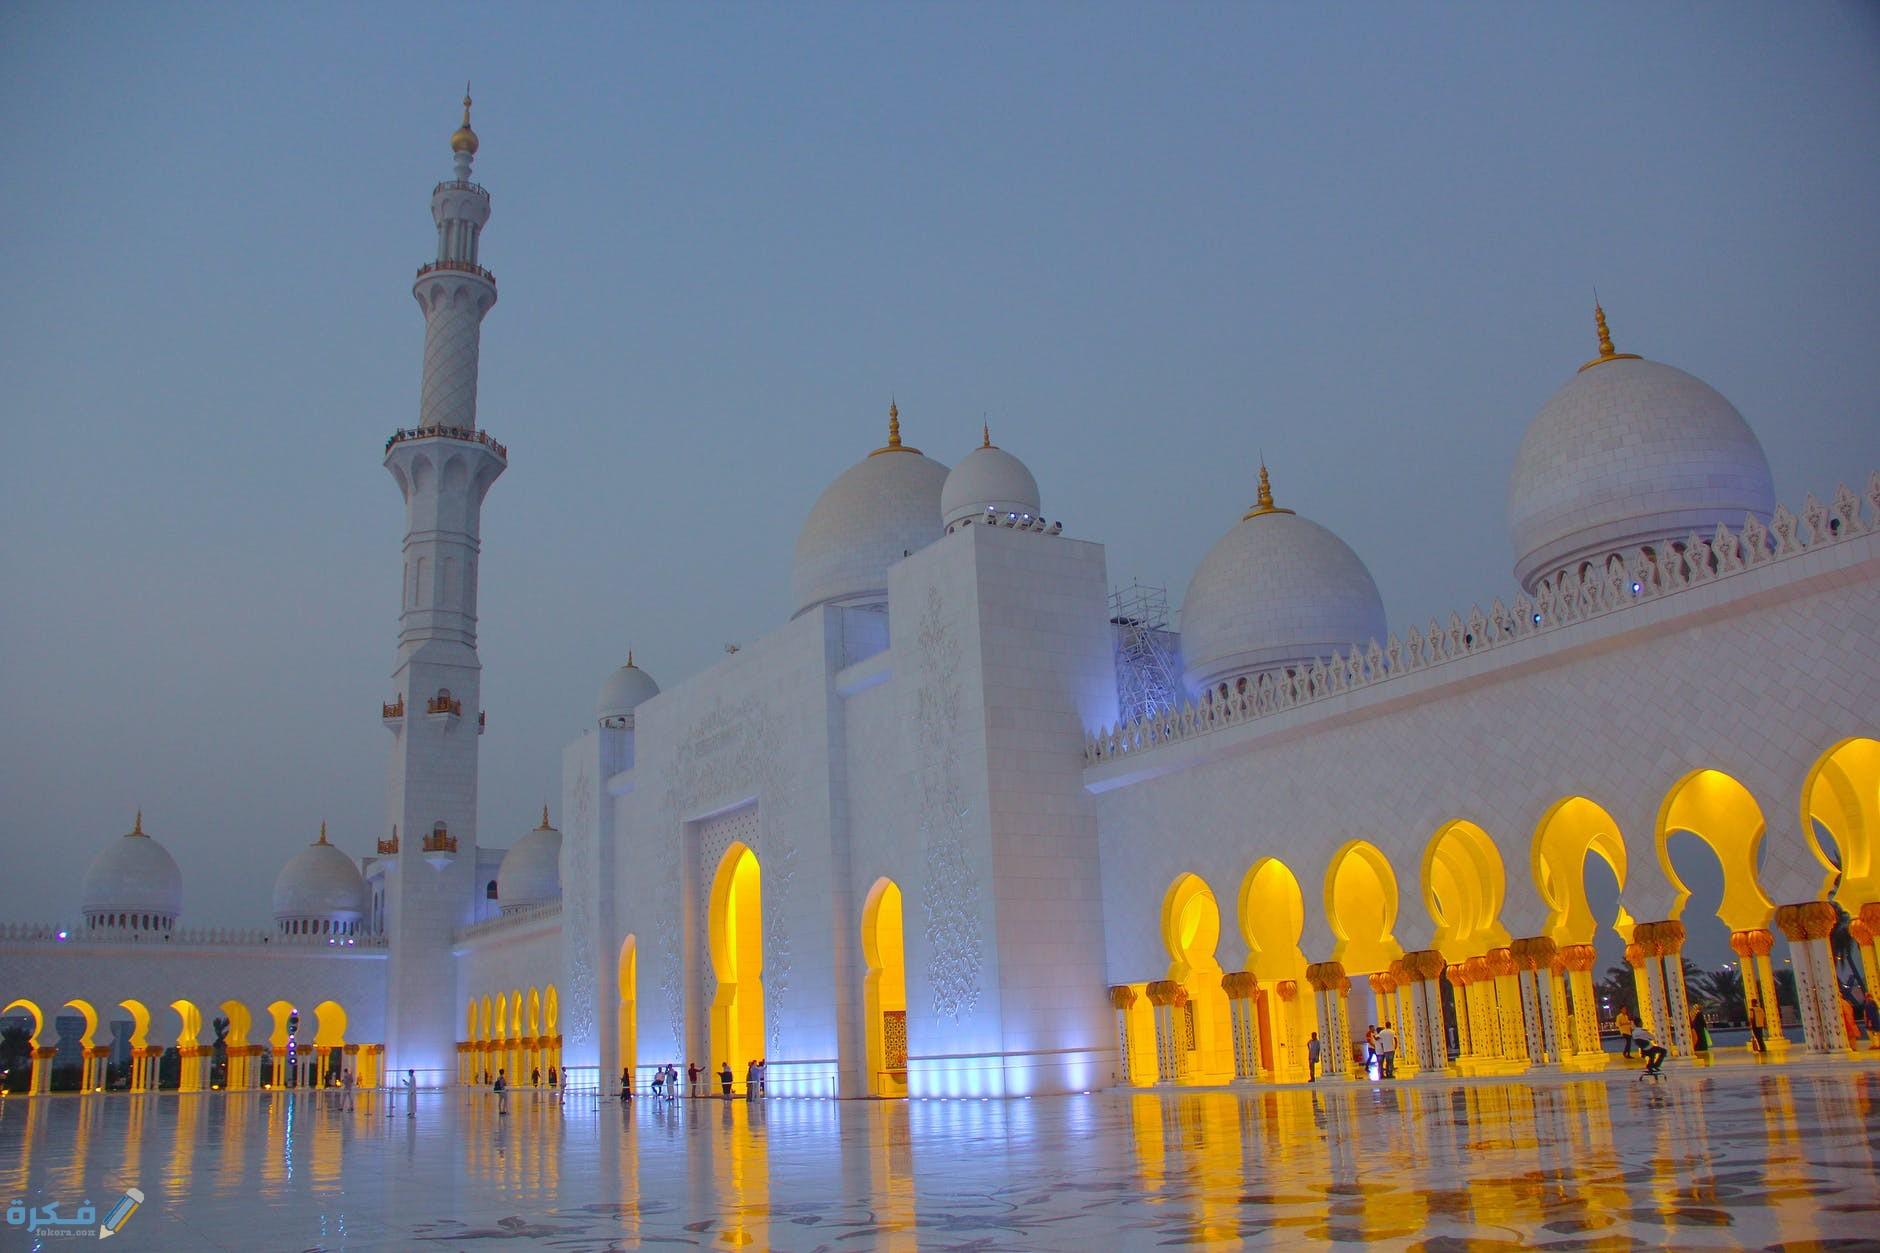 حلمت اني دخلت مسجد موقع فكرة